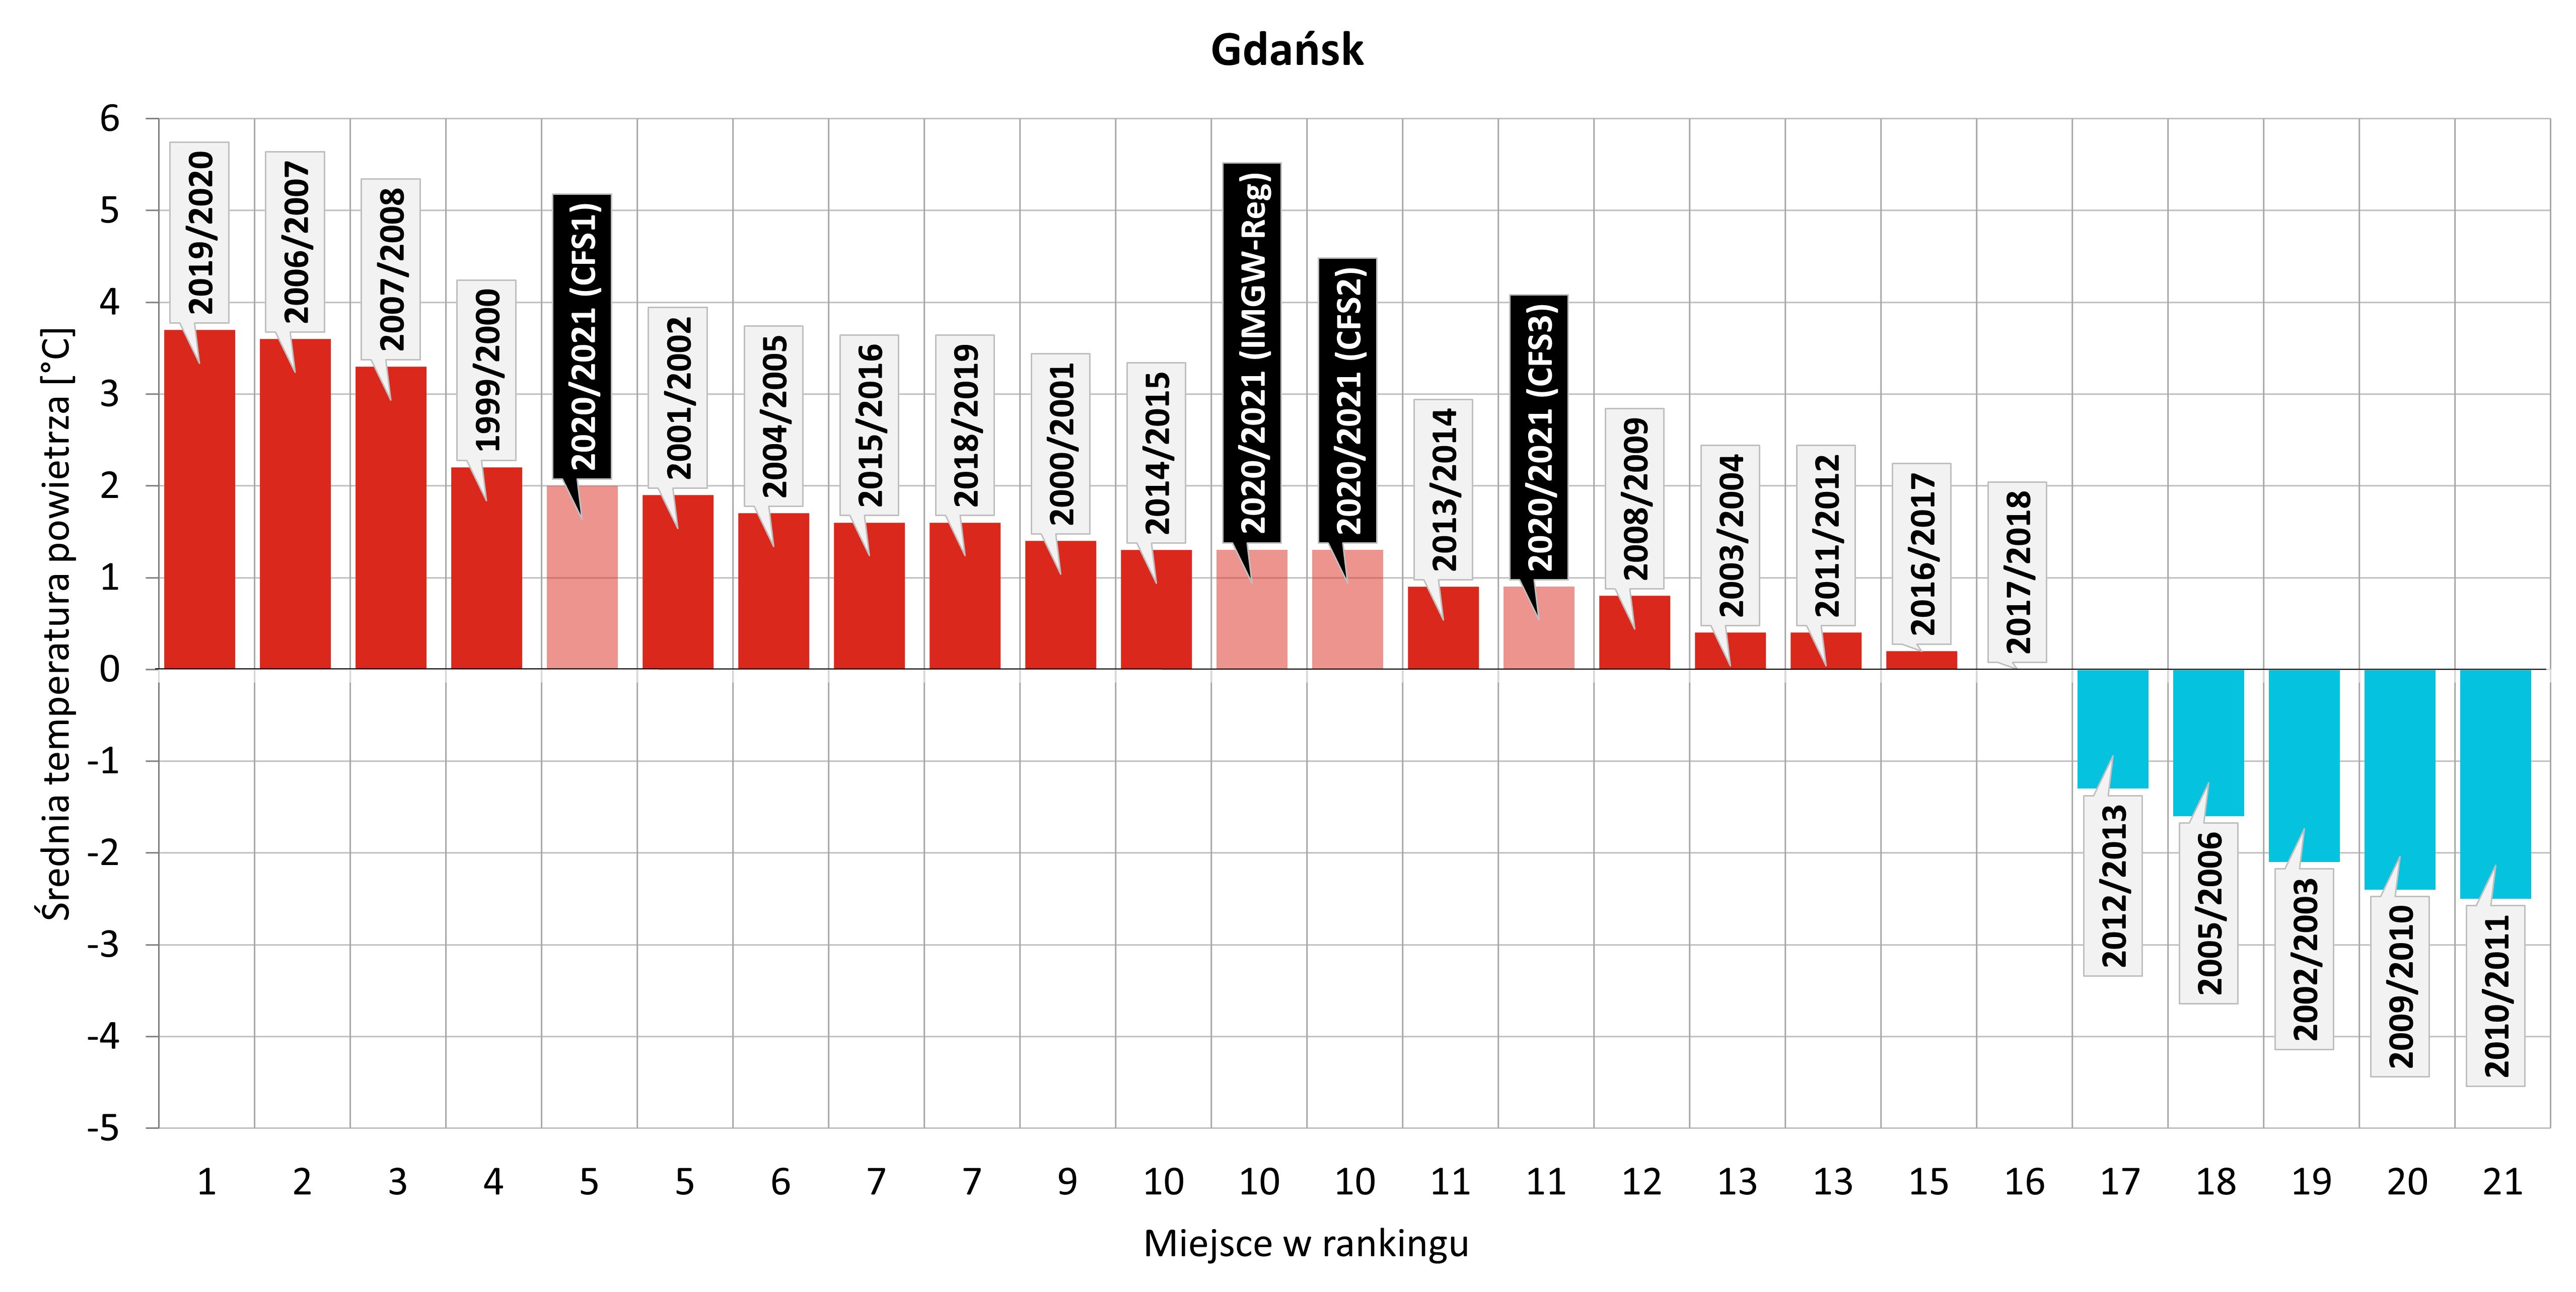 Ranking najcieplejszych meteorologicznych zim zaobserwowanych w Gdańsku w XXI wieku z uwzględnieniem zbliżającej się zimy 2020/2021 (na podstawie prognoz z modeli: IMGW-Reg, CFS1, CFS2, CFS3)